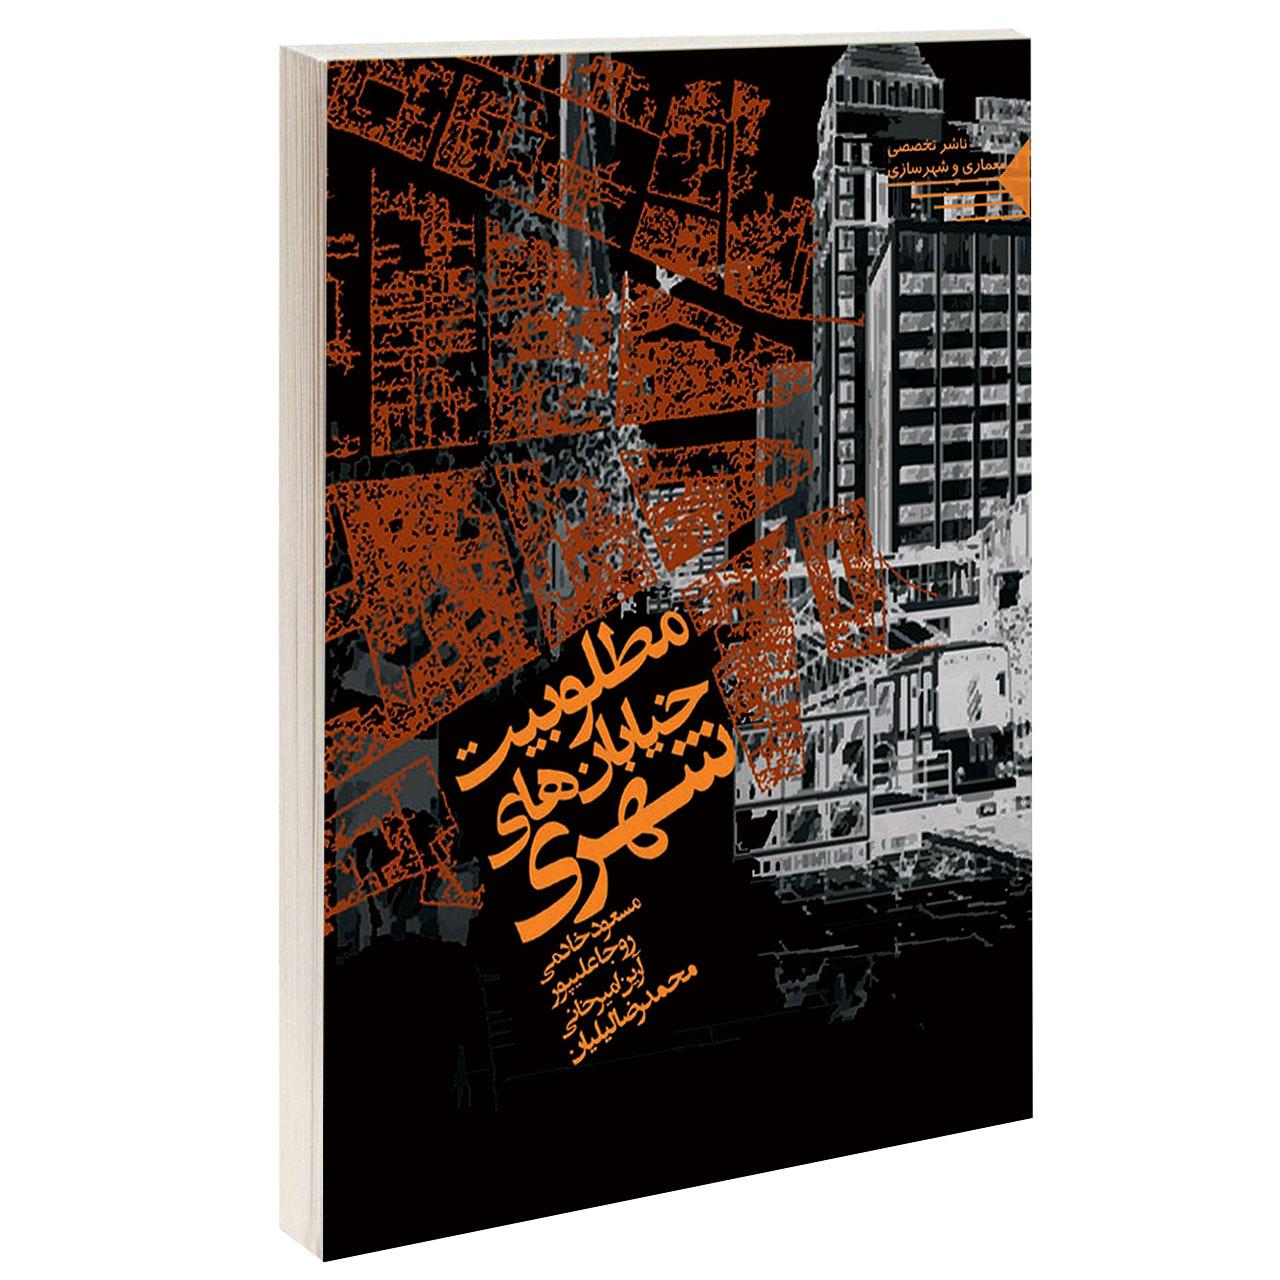 کتاب مطلوبیت خیابان های شهری اثر جمعی از نویسندگان انتشارات طحان